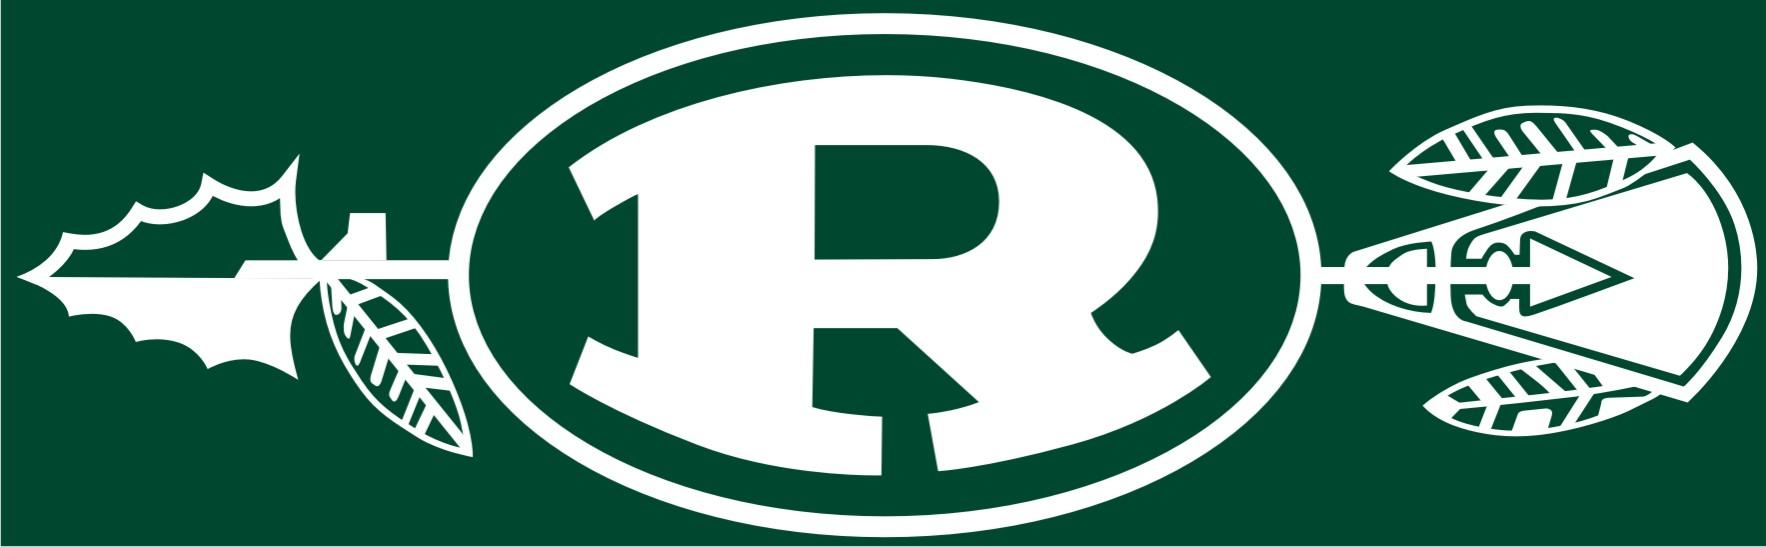 RidleyLax-Logo-White-Noletters.jpg